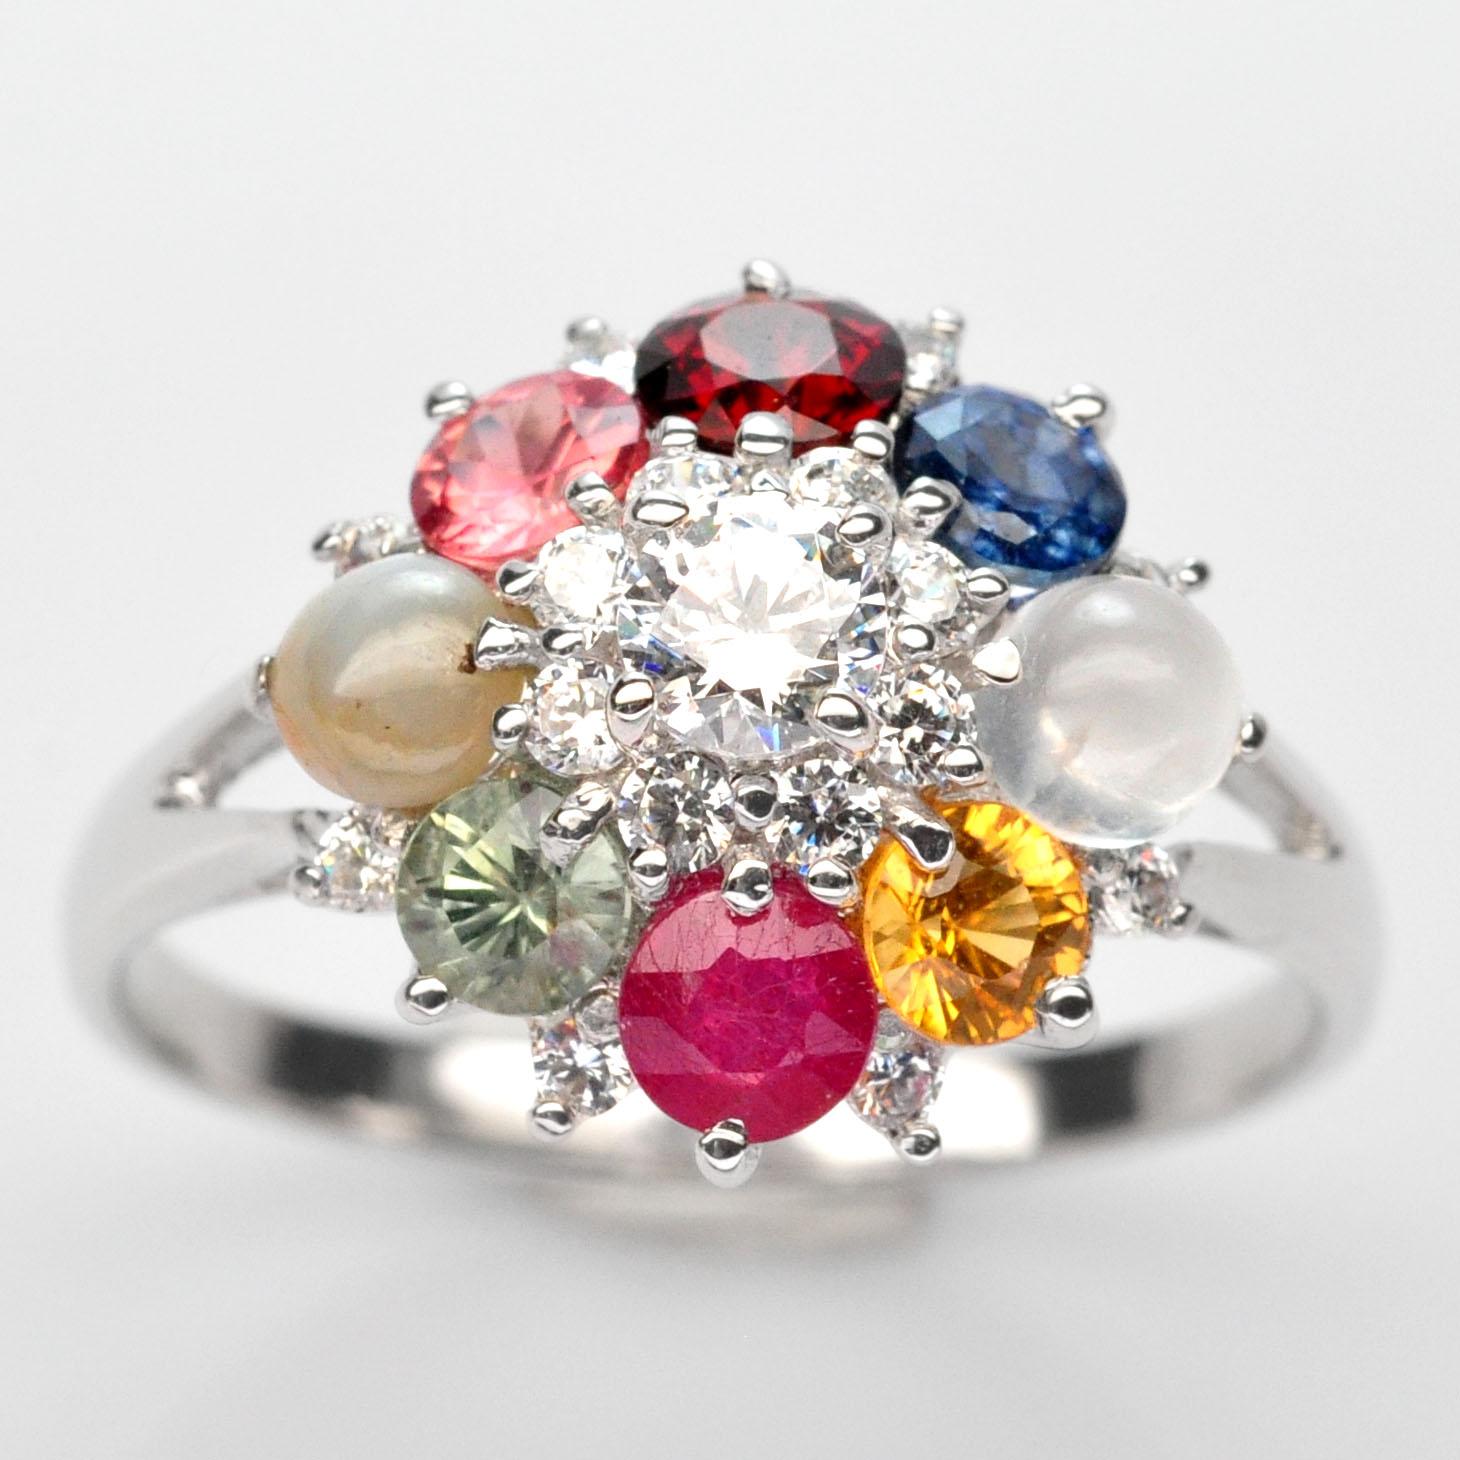 แหวนนพเก้า ทรงพุ่ม แหวนพลอยแท้ เงินแท้